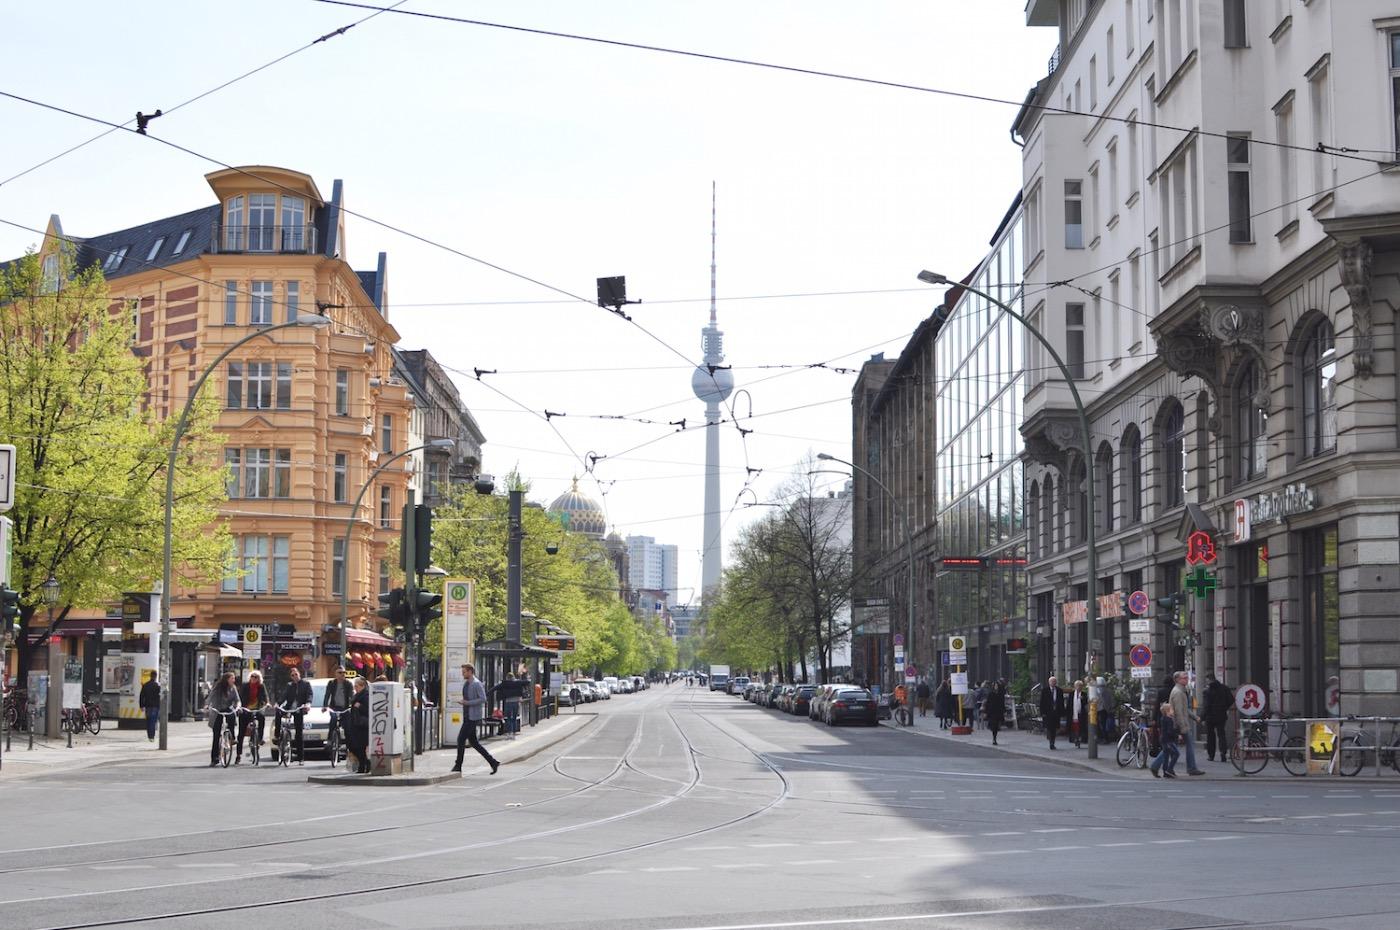 Berlin Friedrichsstraße Fernsehrturm Mitte